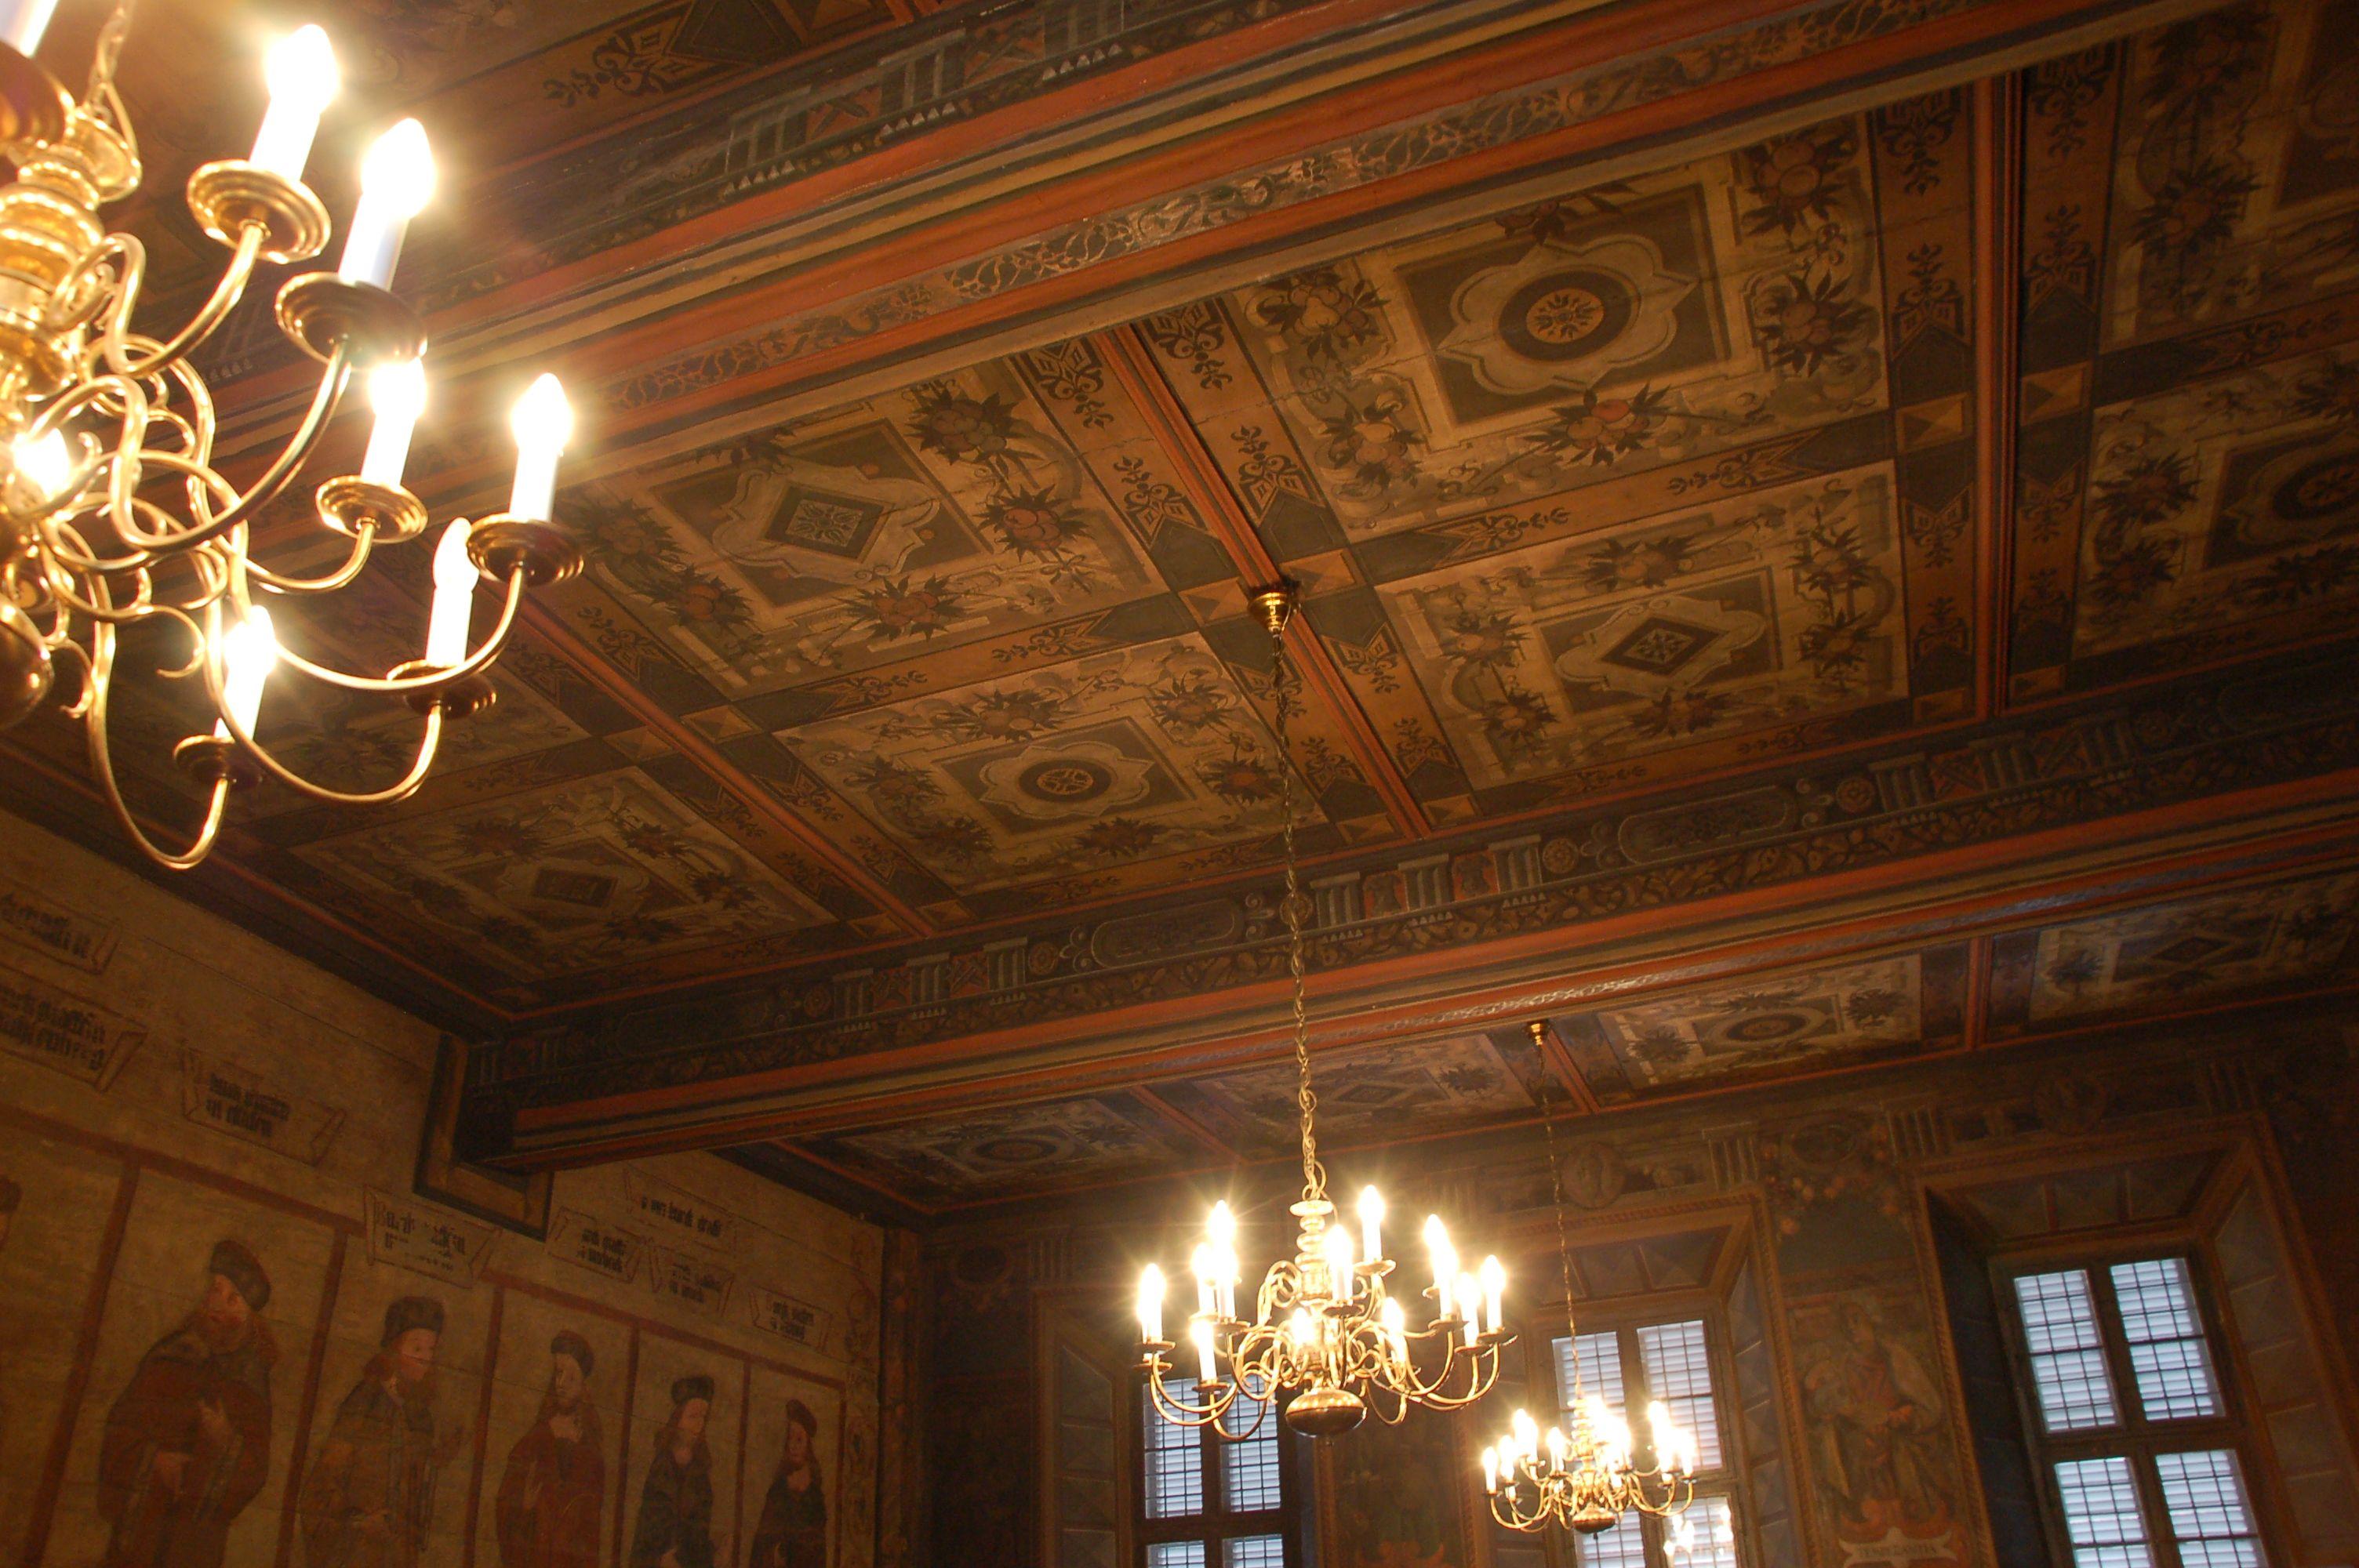 bemalte Decke der Ratsstube im alten Rathaus Mühlhausen